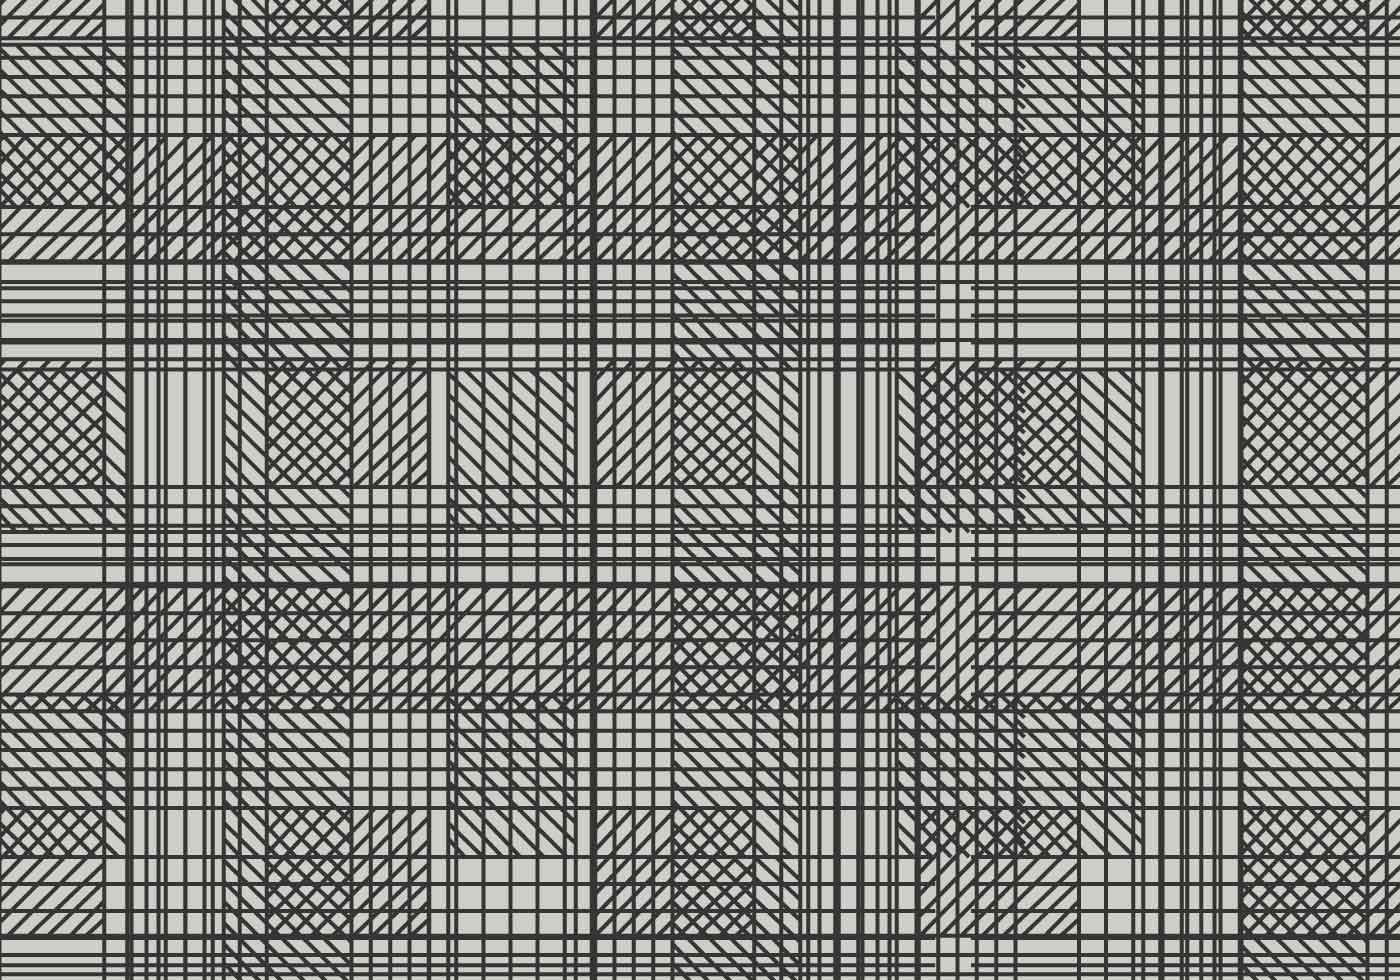 Crosshatch Background Vector  Download Free Vector Art